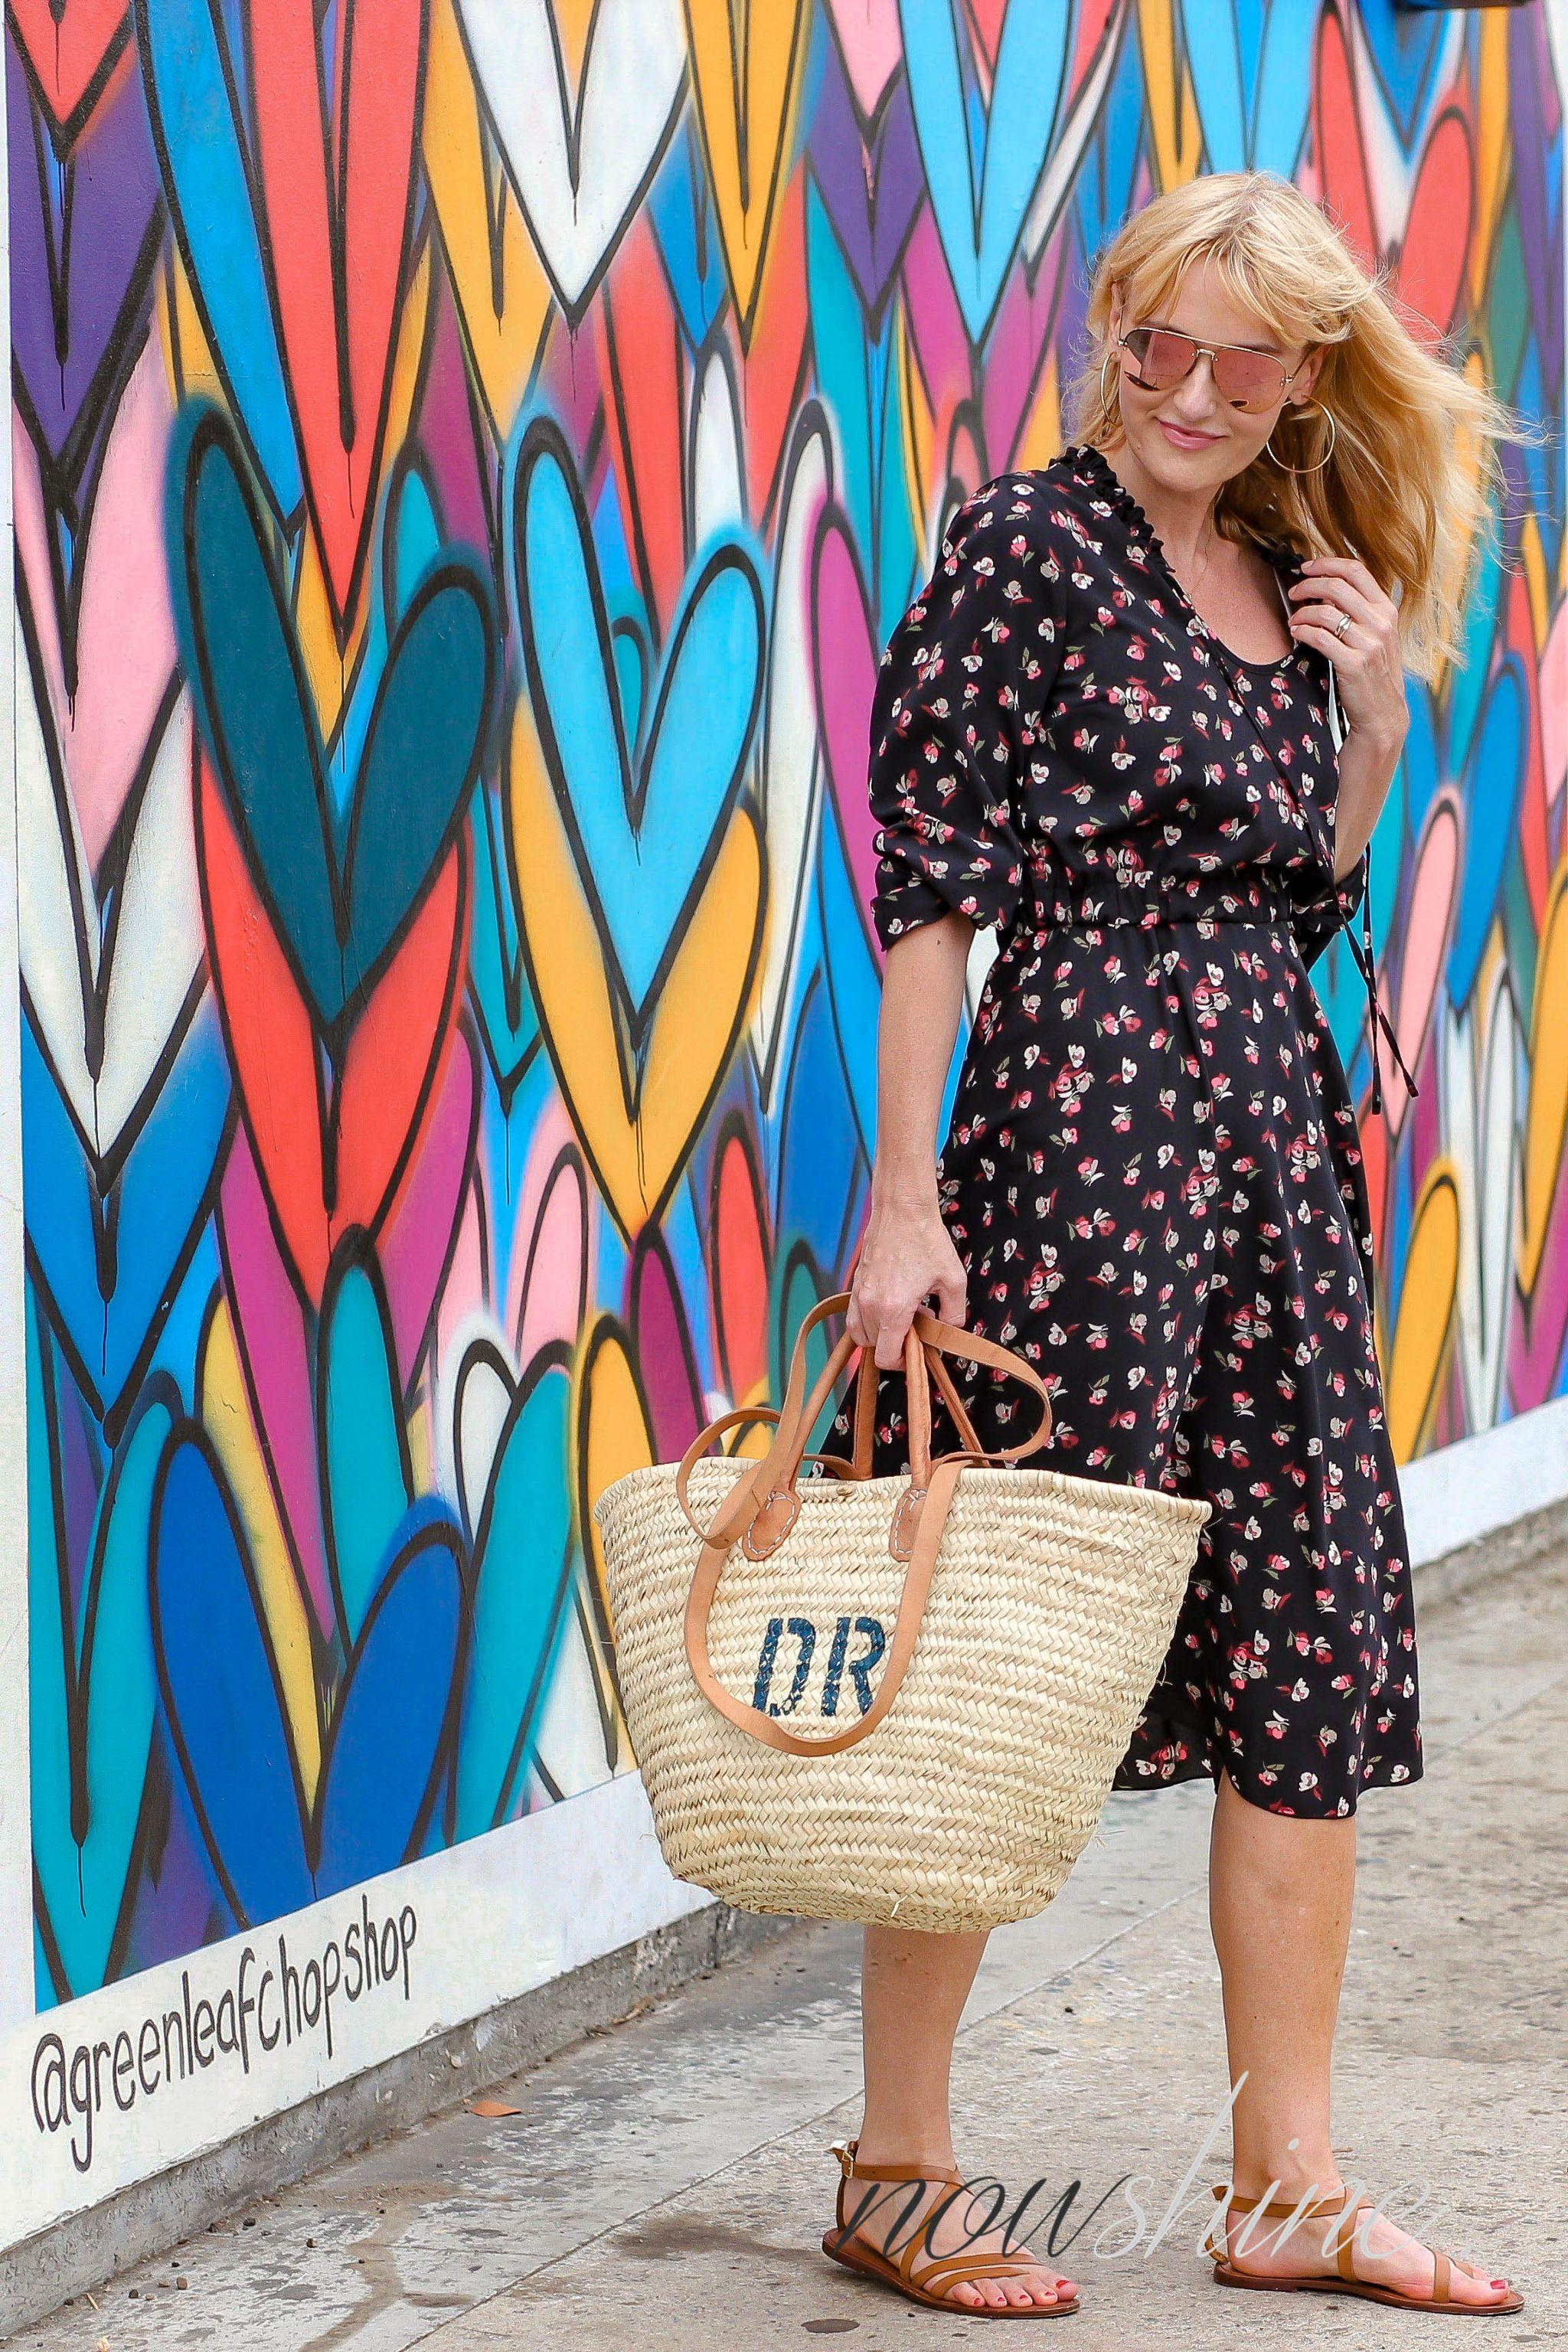 2ed9b759647d3e Venice Kalifornien - Nowshine ü 40 Reiseblog Save. Aus dem WENZ Katalog -  Kleid mit Blumen für ...